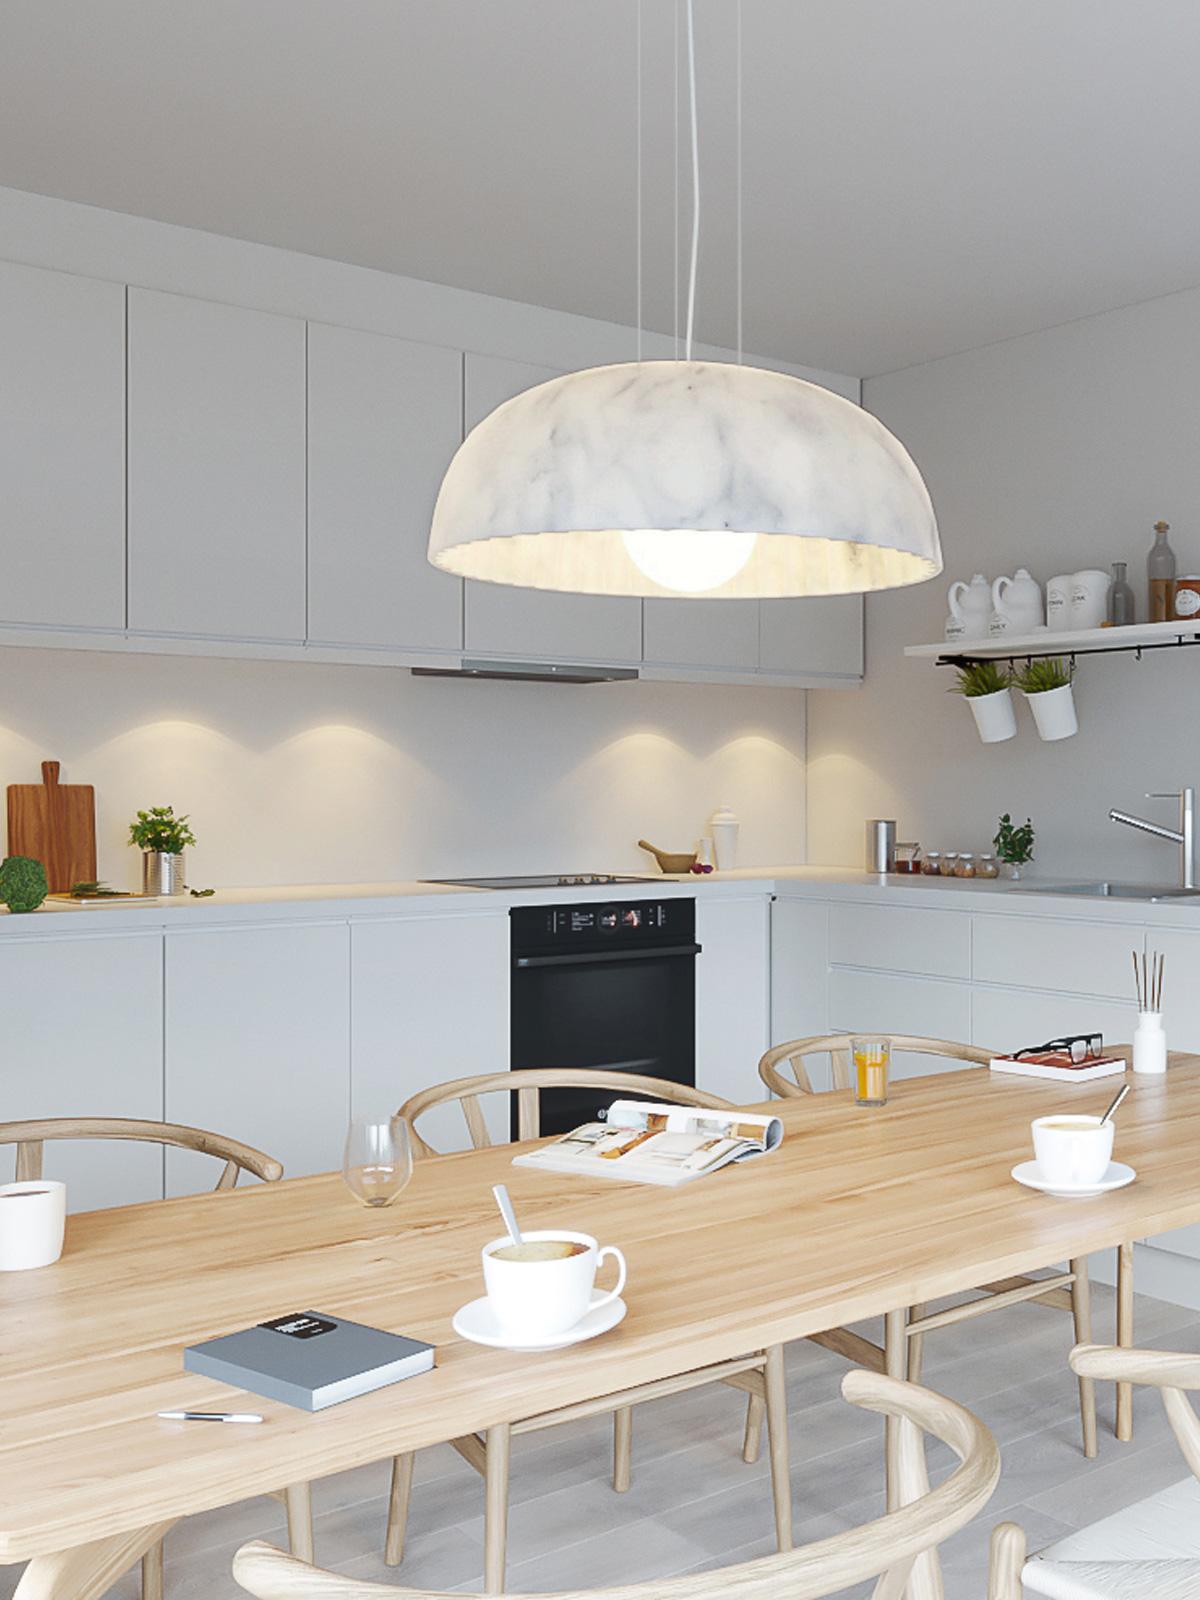 DesignOrt Blog: Neue Leuchten für den Esstisch Doric Pendelleuchte aus Wachs in Marmor Optik Innermost Designort Berlin